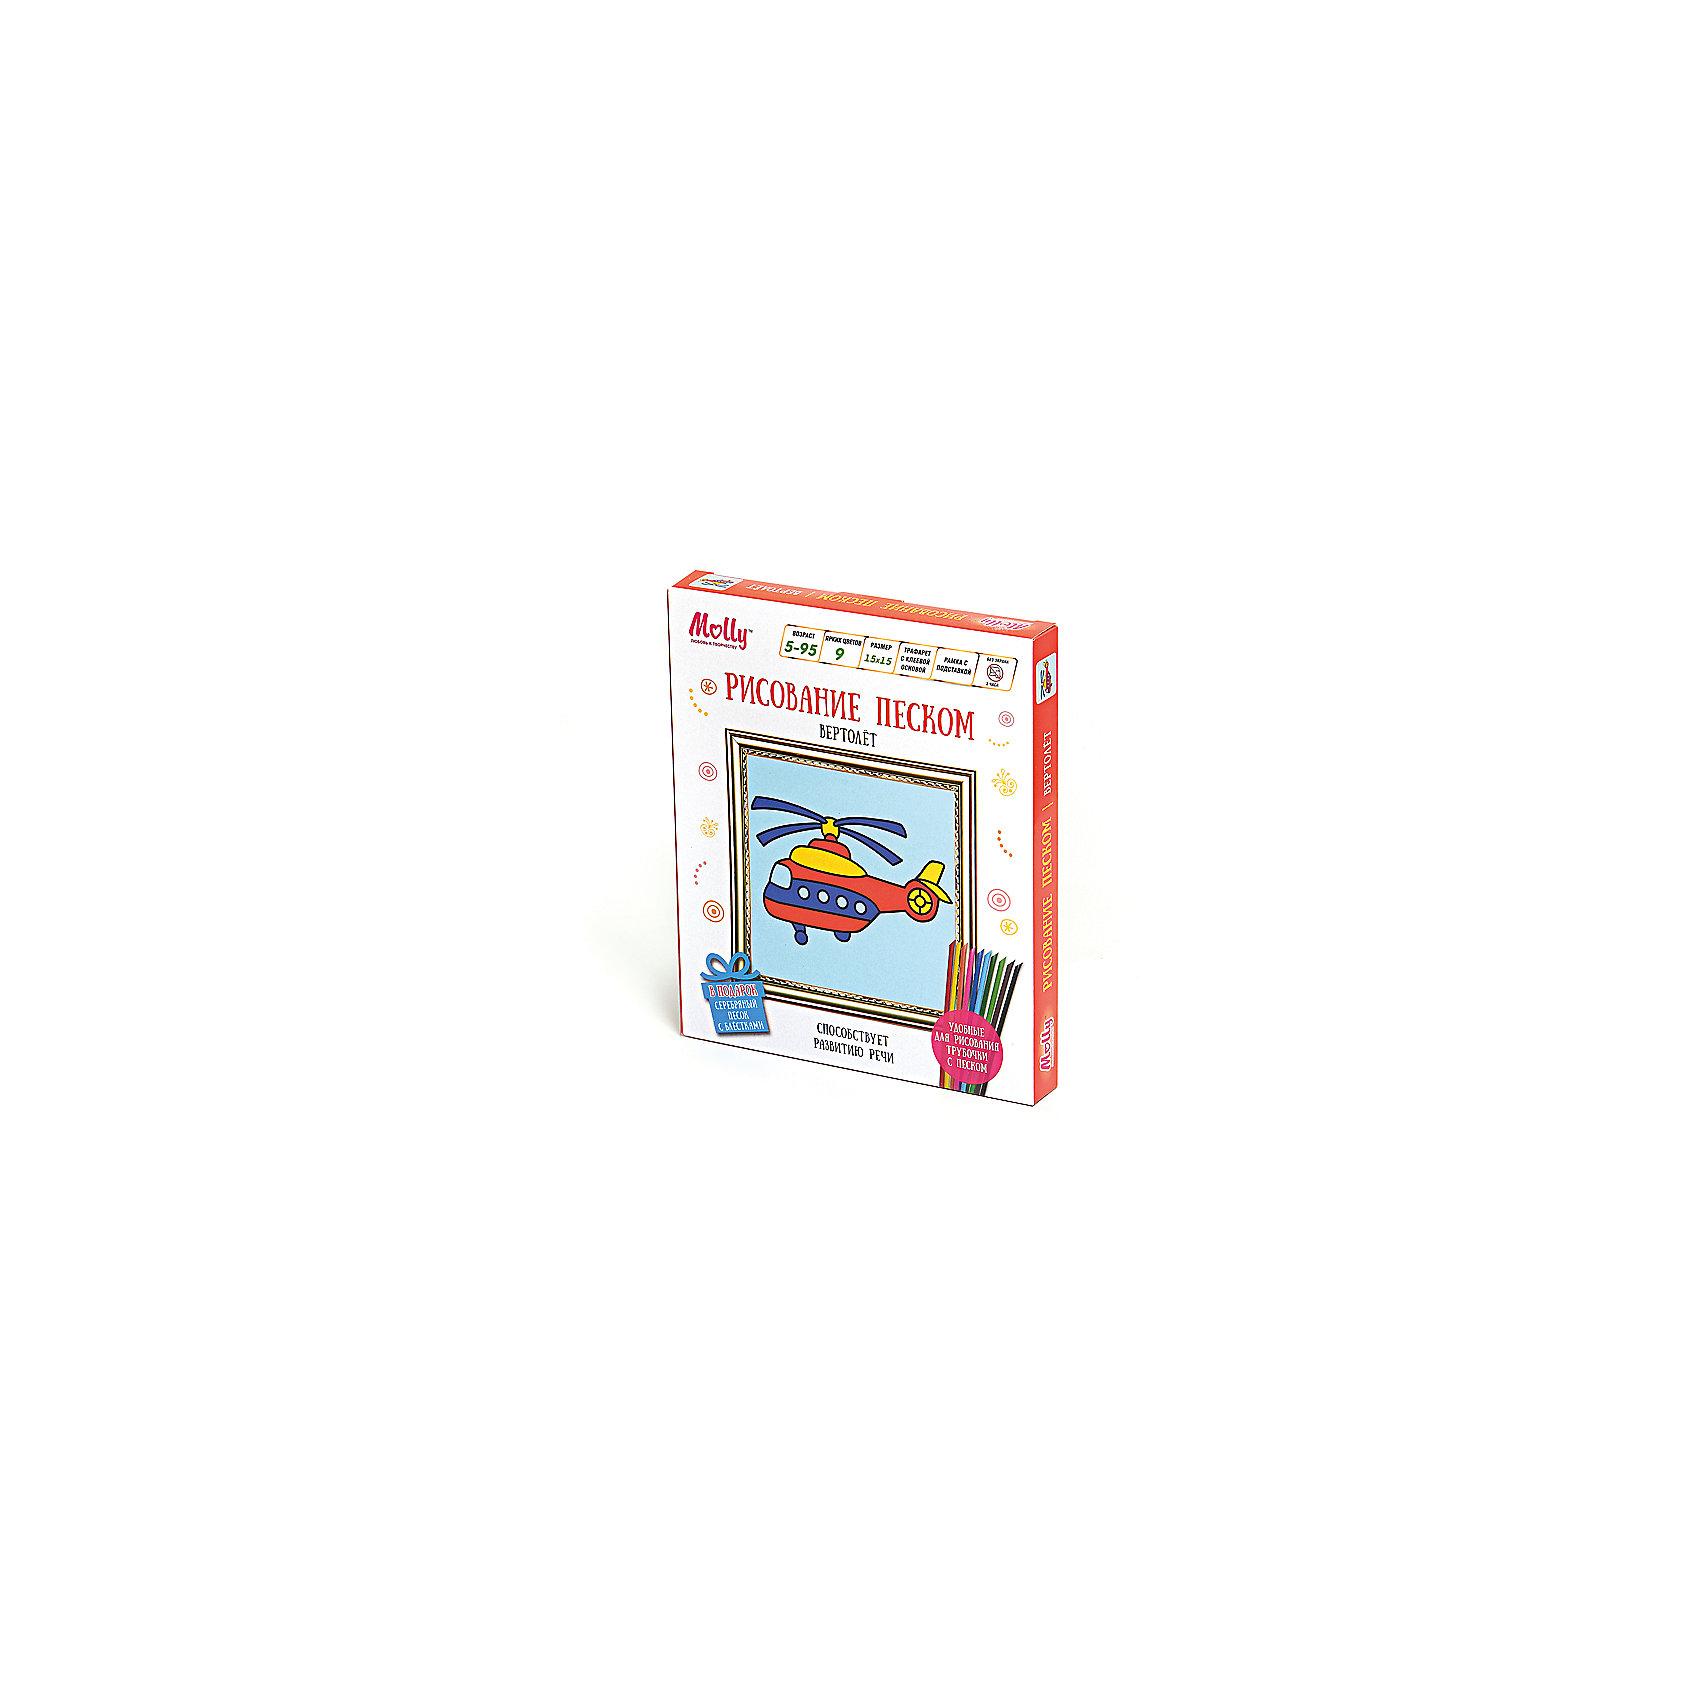 Рисование песком ВертолетКартины из песка<br>Характеристики товара:<br><br>• материал упаковки: картон <br>• в комплект входит: холст с клеевой основой и пластиковой рамкой, трубочки с песком – 9 шт<br>• размер холста: 15х15 см<br>• возраст: от 5 лет<br>• вес: 160 г<br>• габариты упаковки: 18,5х2,5х22 см<br>• страна производитель: Китай<br><br>Рисование песком – интересное и необычное занятие. Новые материалы быстро привлекут внимание ребенка, улучшат его мелкую моторику, аккуратность и творческие способности. В наборе есть все необходимое для творчества и подробная инструкция. Материалы, использованные при изготовлении товаров, проходят проверку на качество и соответствие международным требованиям по безопасности.<br><br>Набор Рисование песком Вертолет можно купить в нашем интернет-магазине.<br><br>Ширина мм: 185<br>Глубина мм: 25<br>Высота мм: 220<br>Вес г: 160<br>Возраст от месяцев: 60<br>Возраст до месяцев: 2147483647<br>Пол: Мужской<br>Возраст: Детский<br>SKU: 5417592